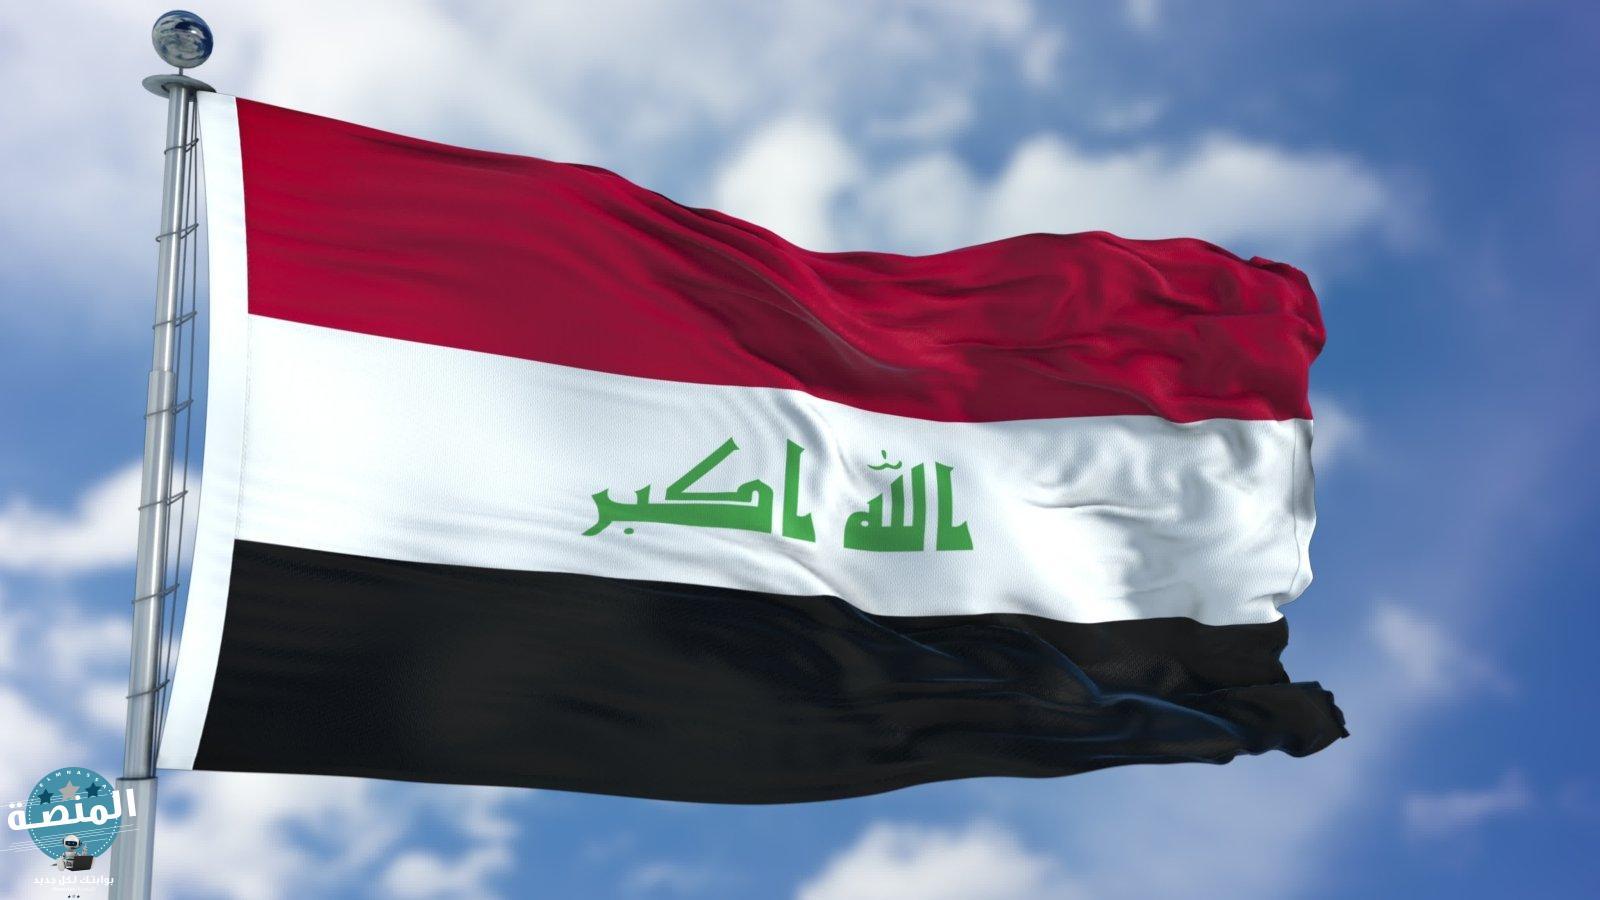 تاريخ العراق و معلومات عن الدولة العراقية